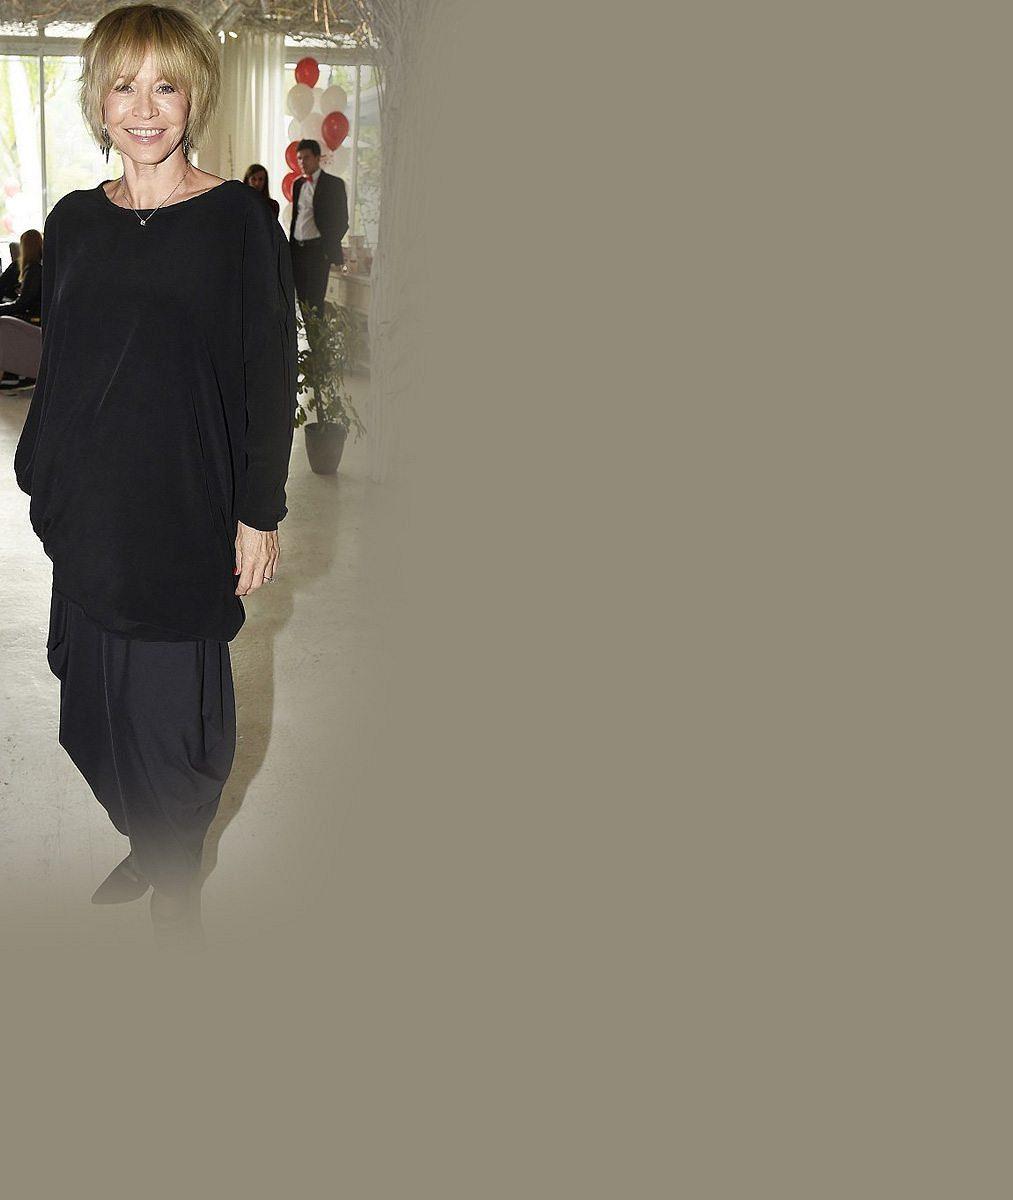 Jana Švandová po sedmdesátce jako modelka: Jaký má recept na skvělou figuru?